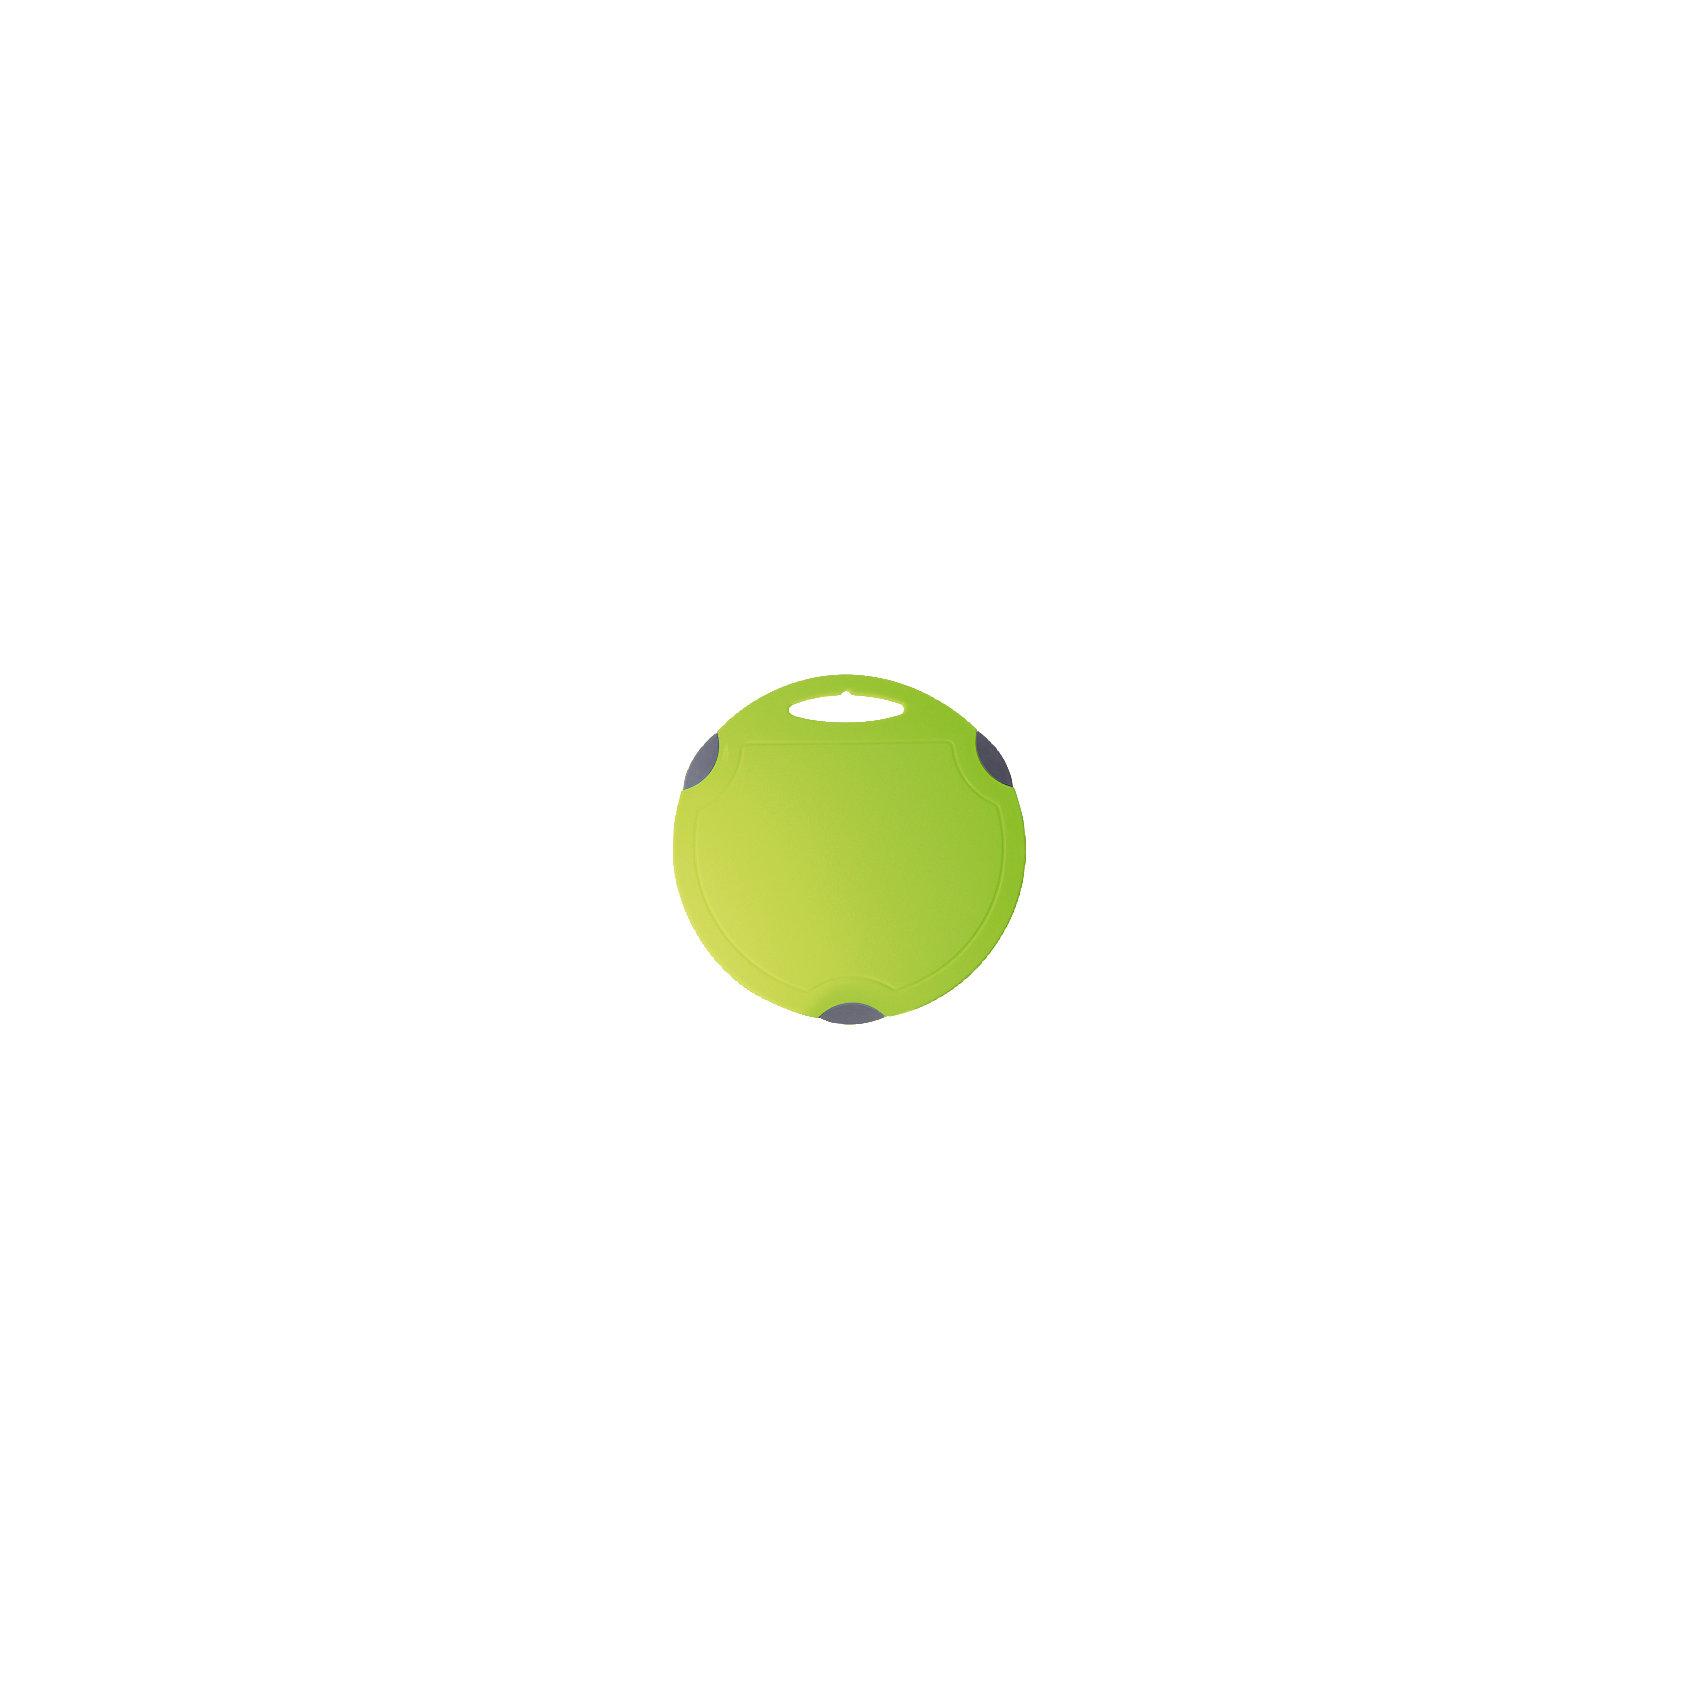 Доска разделочная Люкс круглая большая, Plastic CentreКухонная утварь<br>Доска разделочная Люкс круглая большая, Plastic Centre<br><br>Характеристики:<br><br>• Цвет: зеленый<br>• Материал: пластик<br>• В комплекте: 1 штука<br>• Размер: 32х32 см<br><br>Хорошие разделочные доски позволят вам легко навести порядок на вашей кухне и не отвлекаться на мелочи. Эта доска оснащена специальным желобком, который поможет слить стекающую воду, не потревожив продукты. Изготовлены они из высококачественного пищевого пластика, который безопасен  для здоровья. Доска устойчива к запахам и порезам от ножа. Стильный дизайн не оставит равнодушным никого.<br><br>Доска разделочная Люкс круглая большая, Plastic Centre можно купить в нашем интернет-магазине.<br><br>Ширина мм: 320<br>Глубина мм: 320<br>Высота мм: 7<br>Вес г: 472<br>Возраст от месяцев: 216<br>Возраст до месяцев: 1188<br>Пол: Унисекс<br>Возраст: Детский<br>SKU: 5545676